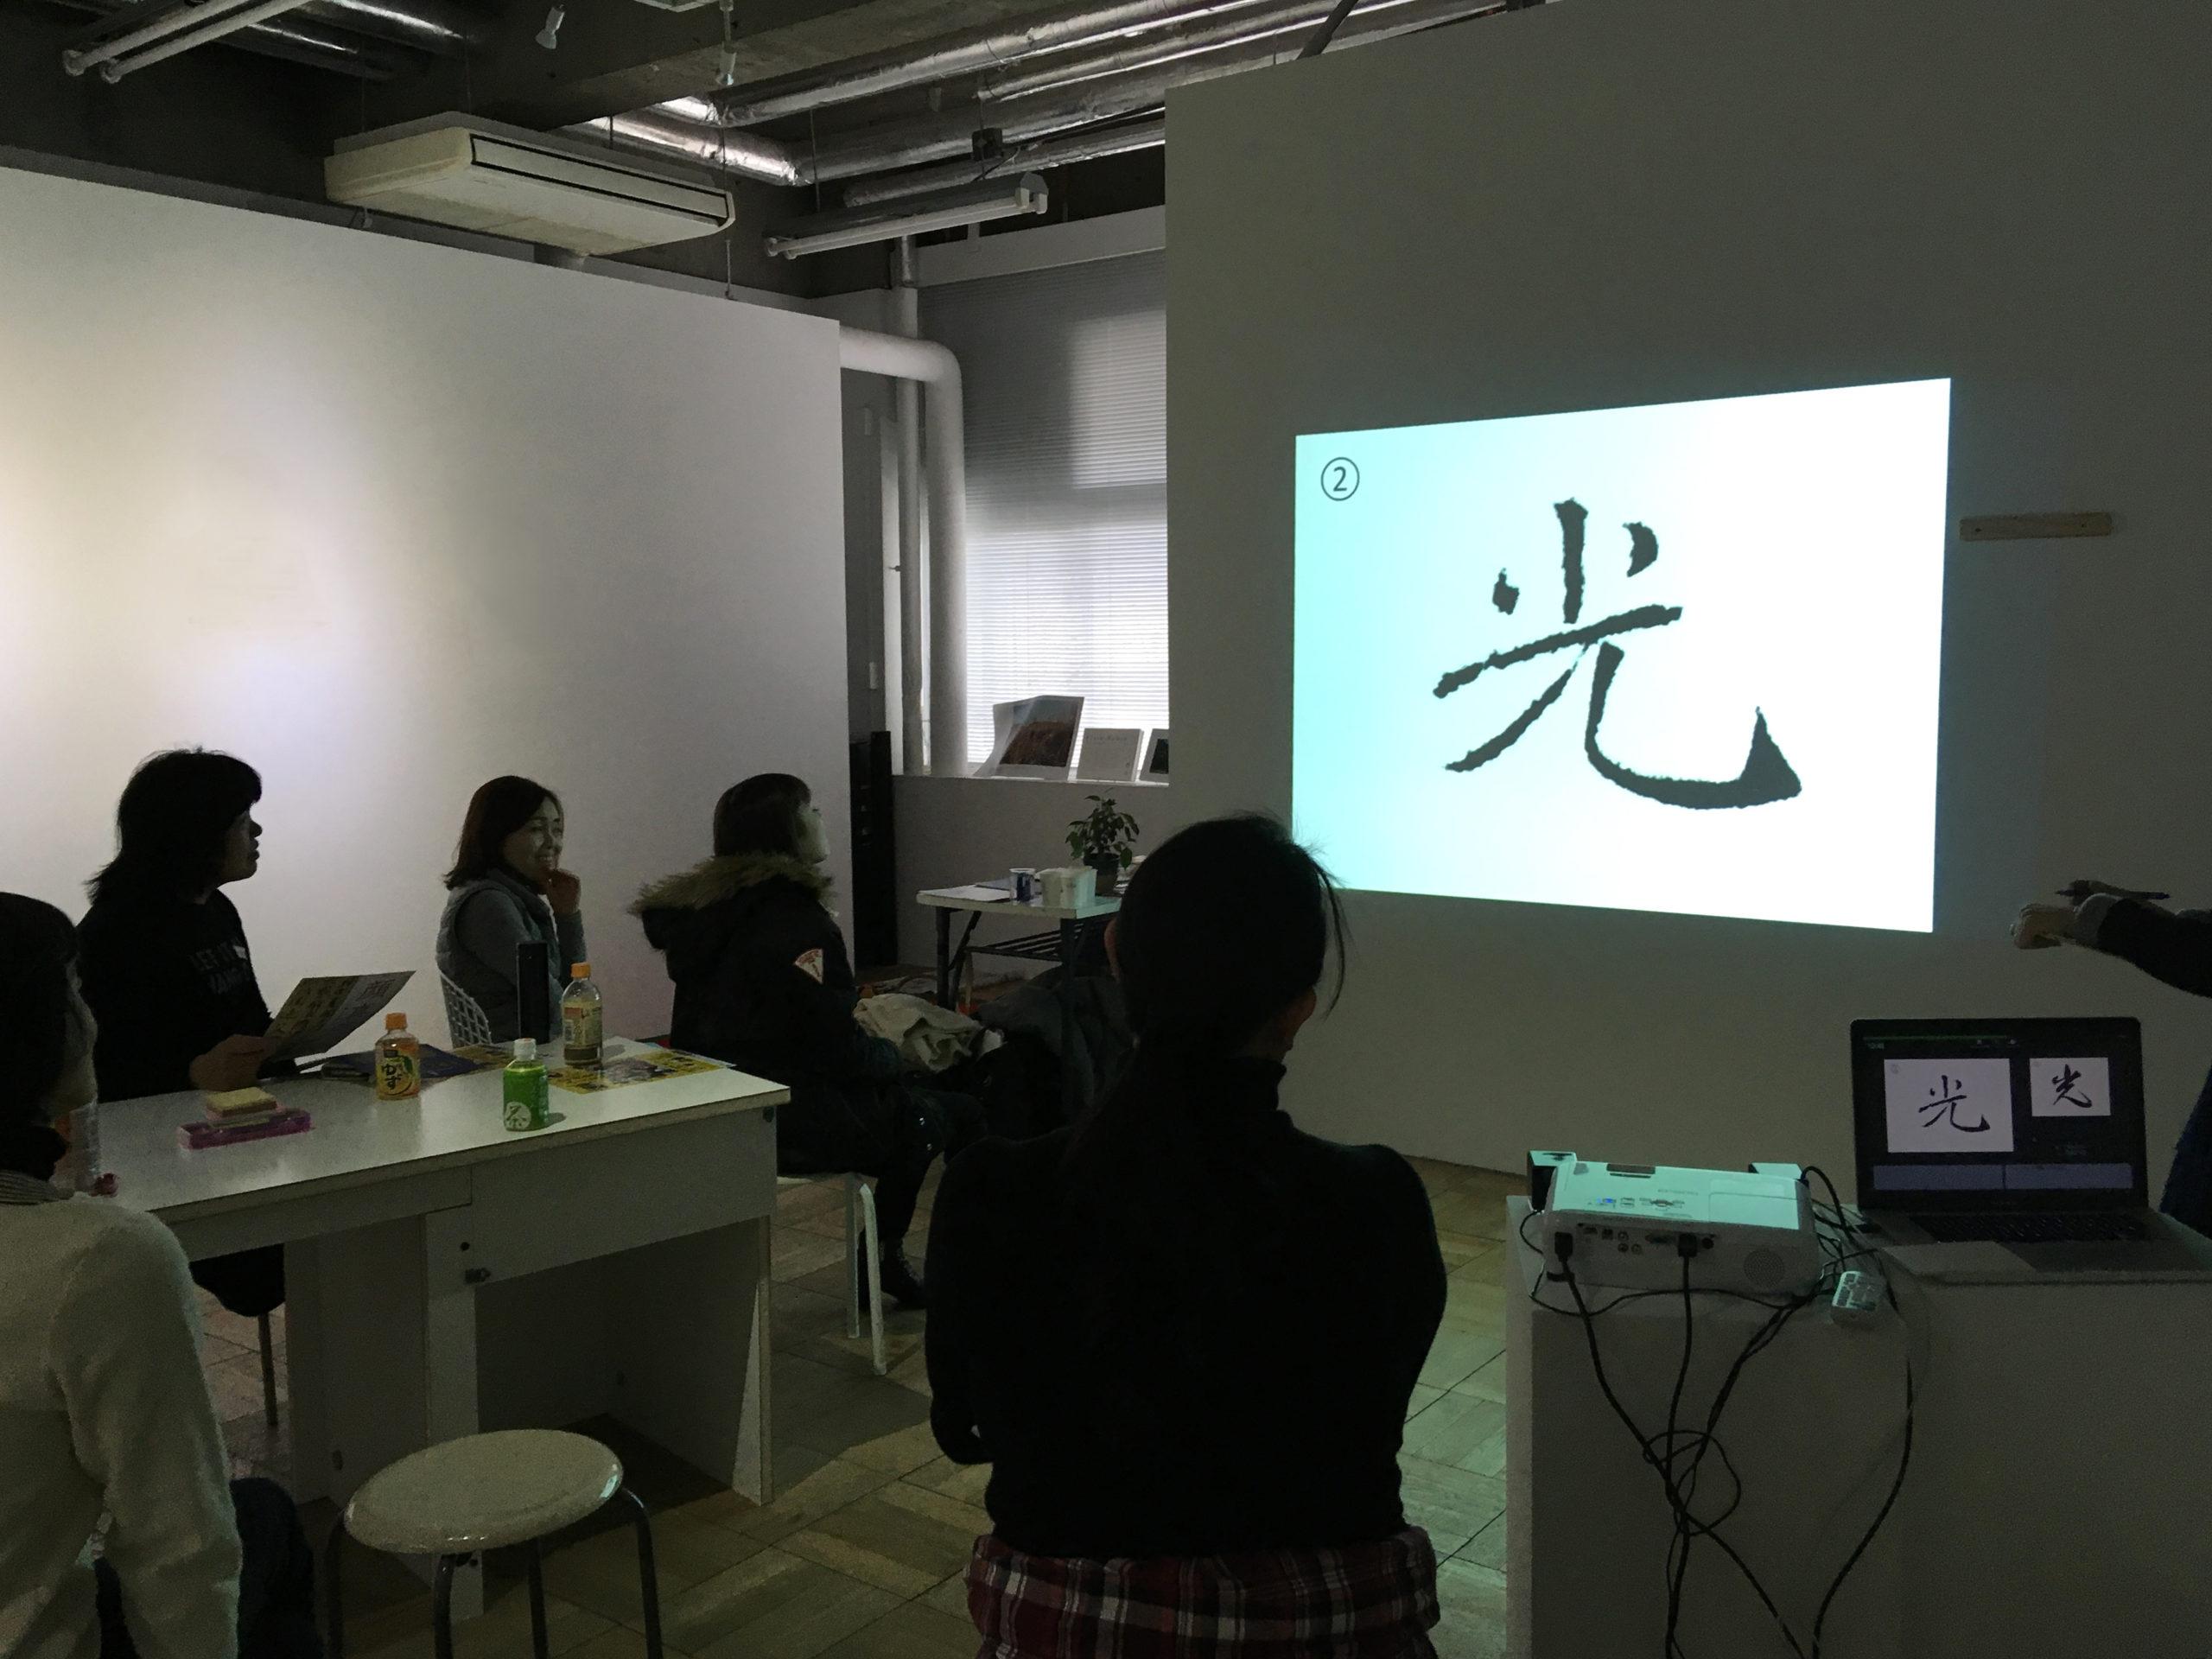 無限未来書道団体、アーツ千代田3331にて開催しました、美術鑑賞ファシリテーター小田川悠さんによる書のアート対話鑑賞会